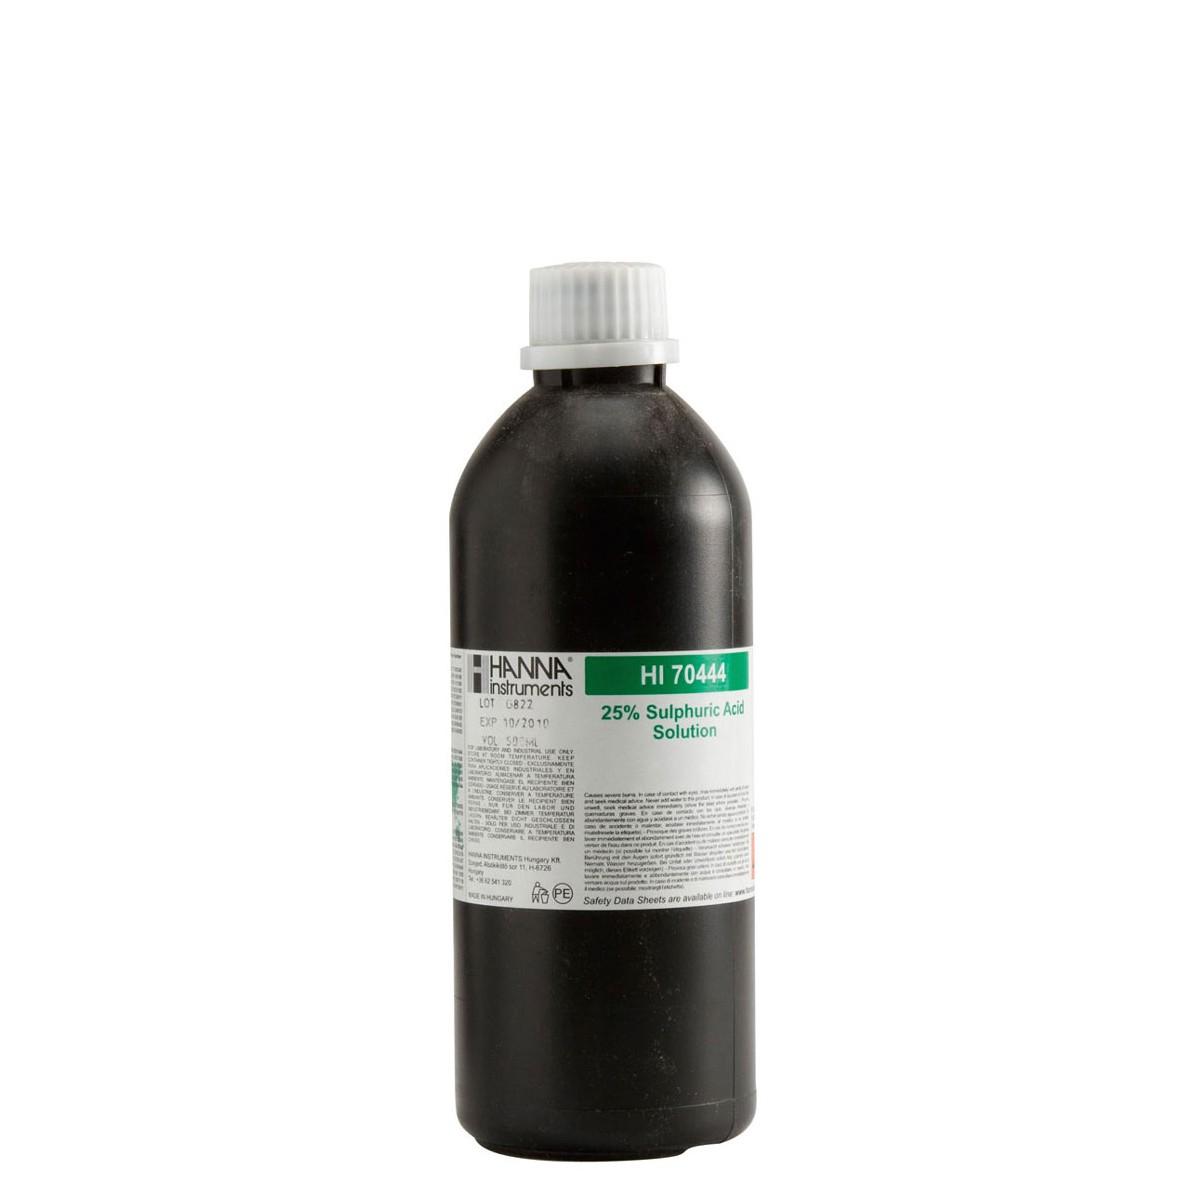 Sulfuric Acid Reagent 25%, 500 mL - HI70444